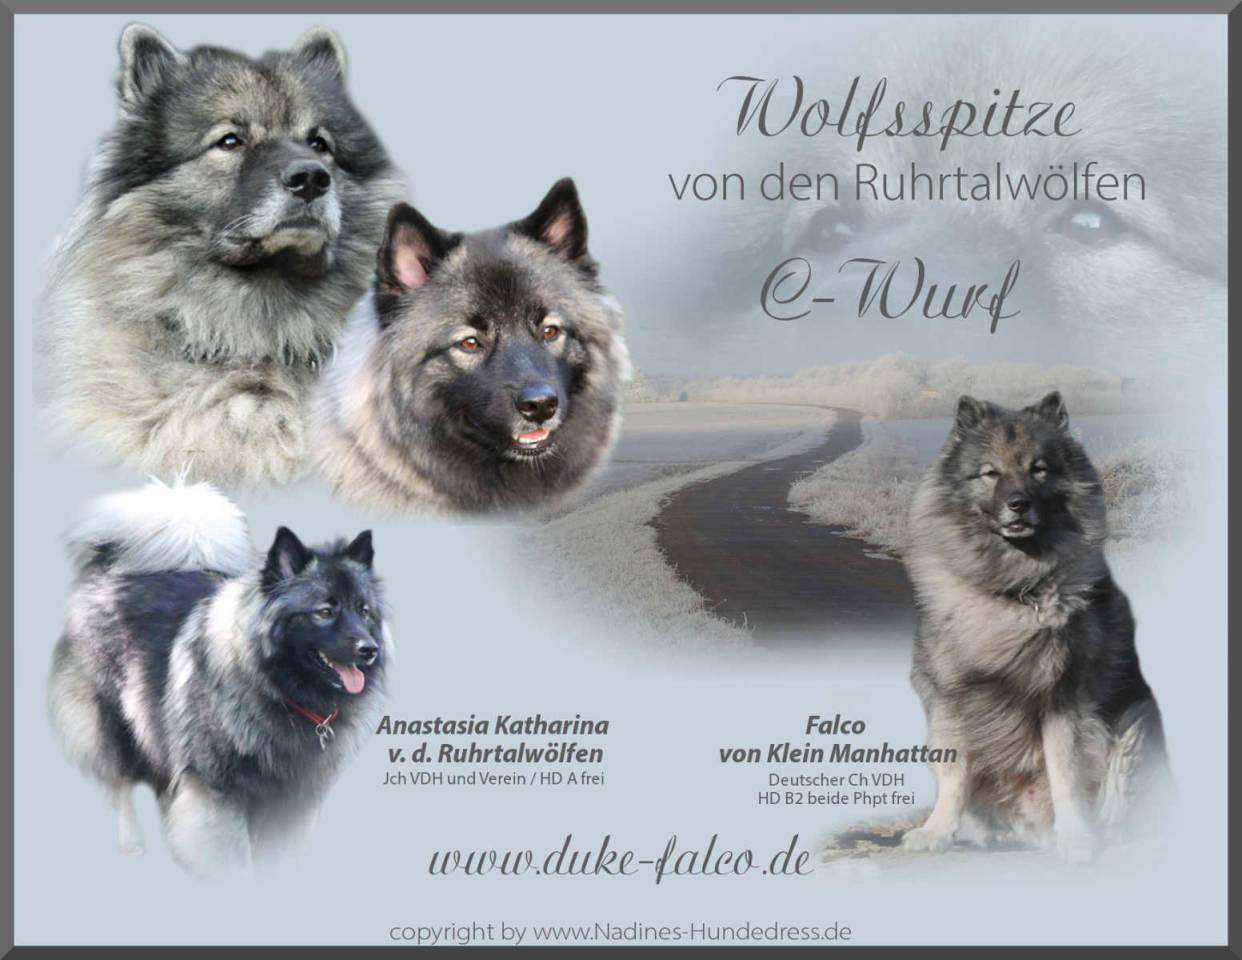 Ruhrtalwölfen Wolfsspitz C-Wurf Verpaarung Wurfankündigung